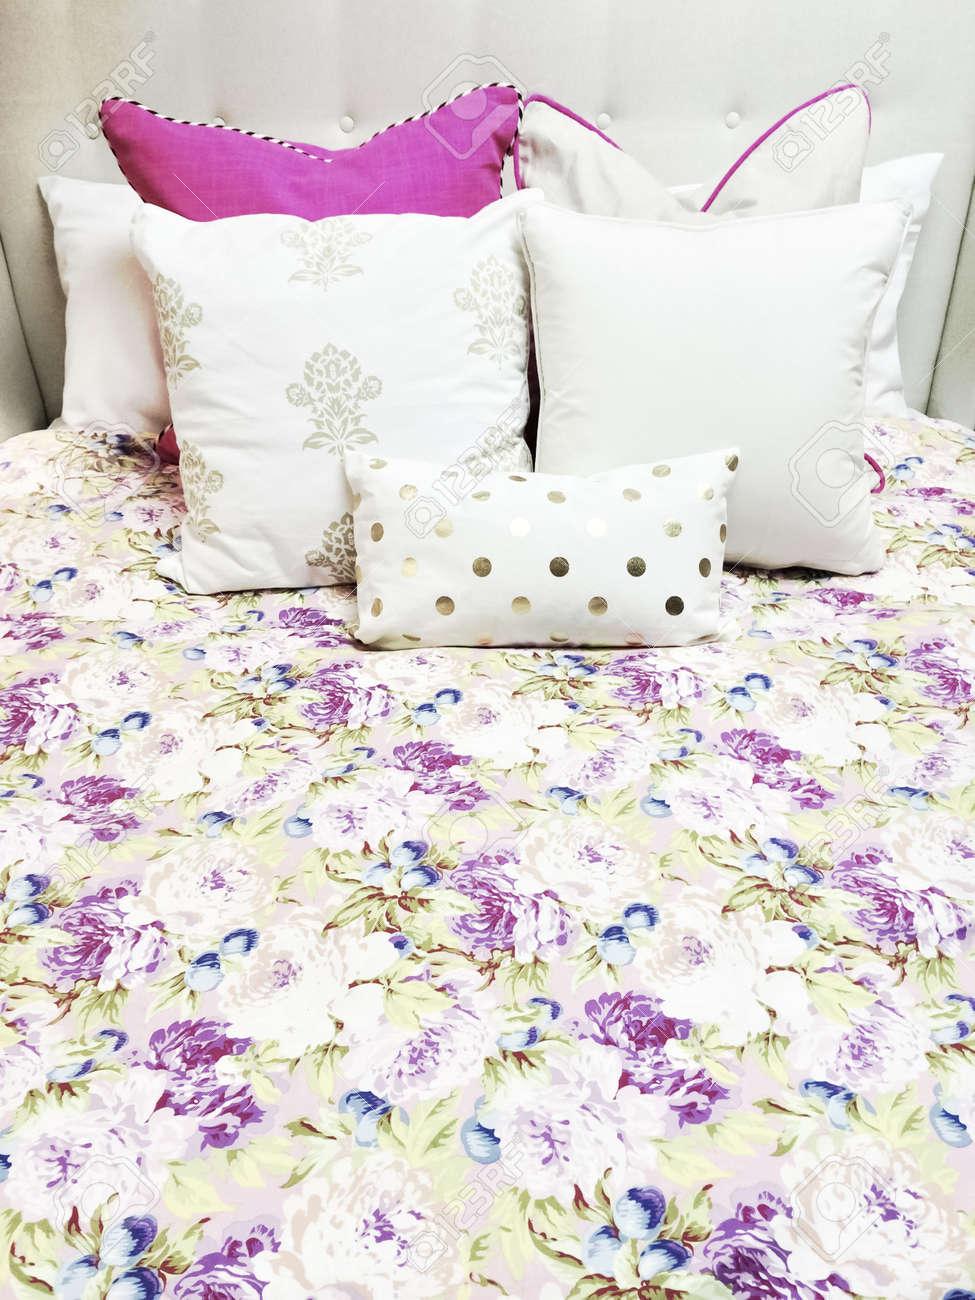 Weiß Und Lila Bettwäsche Mit Blumenmuster Close Up Von Einem Bett